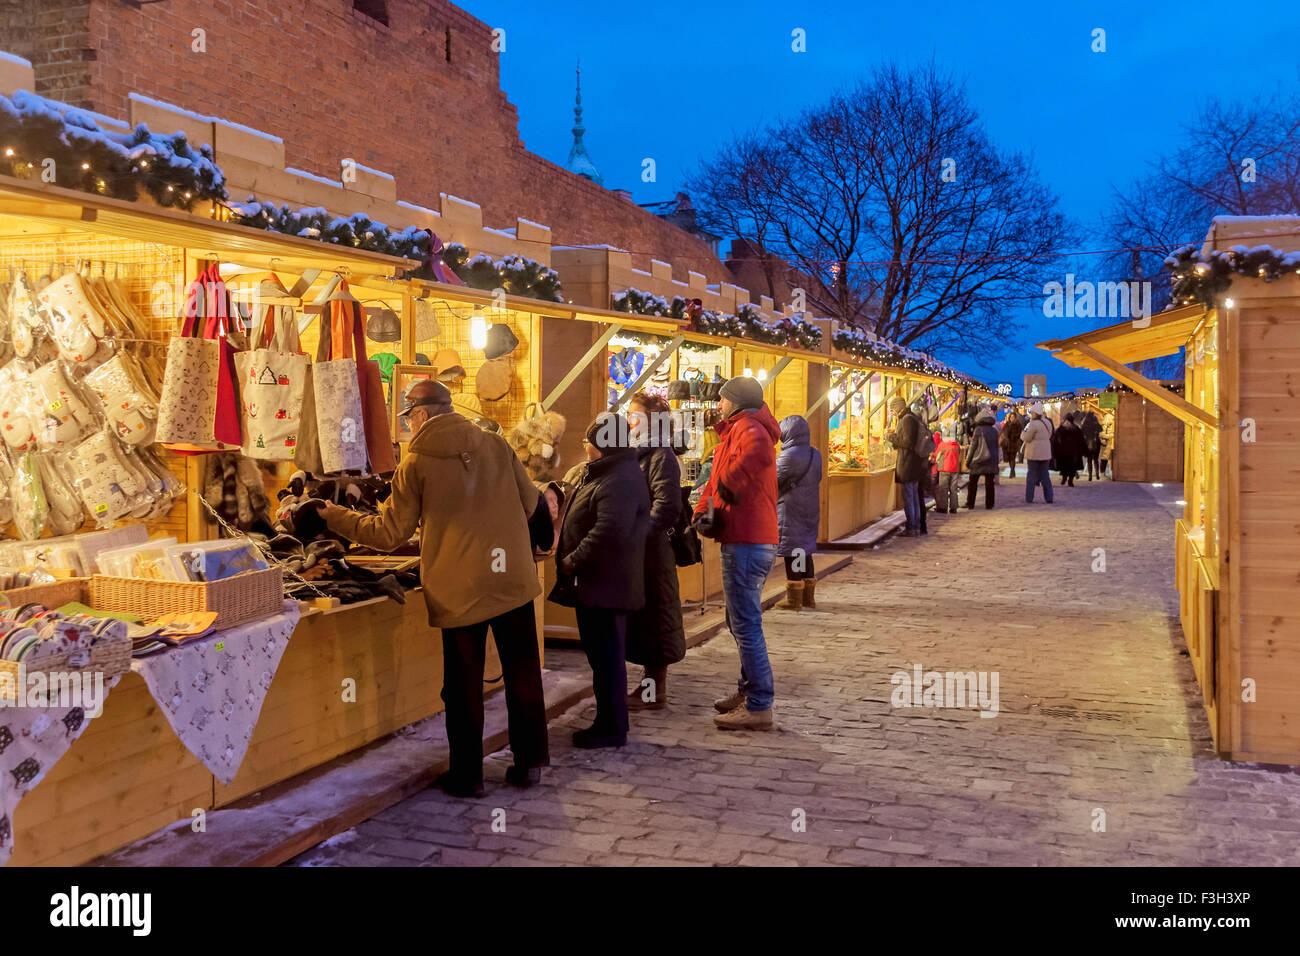 Fiera di Natale presso il Barbican nel centro storico di Varsavia, Polonia Immagini Stock